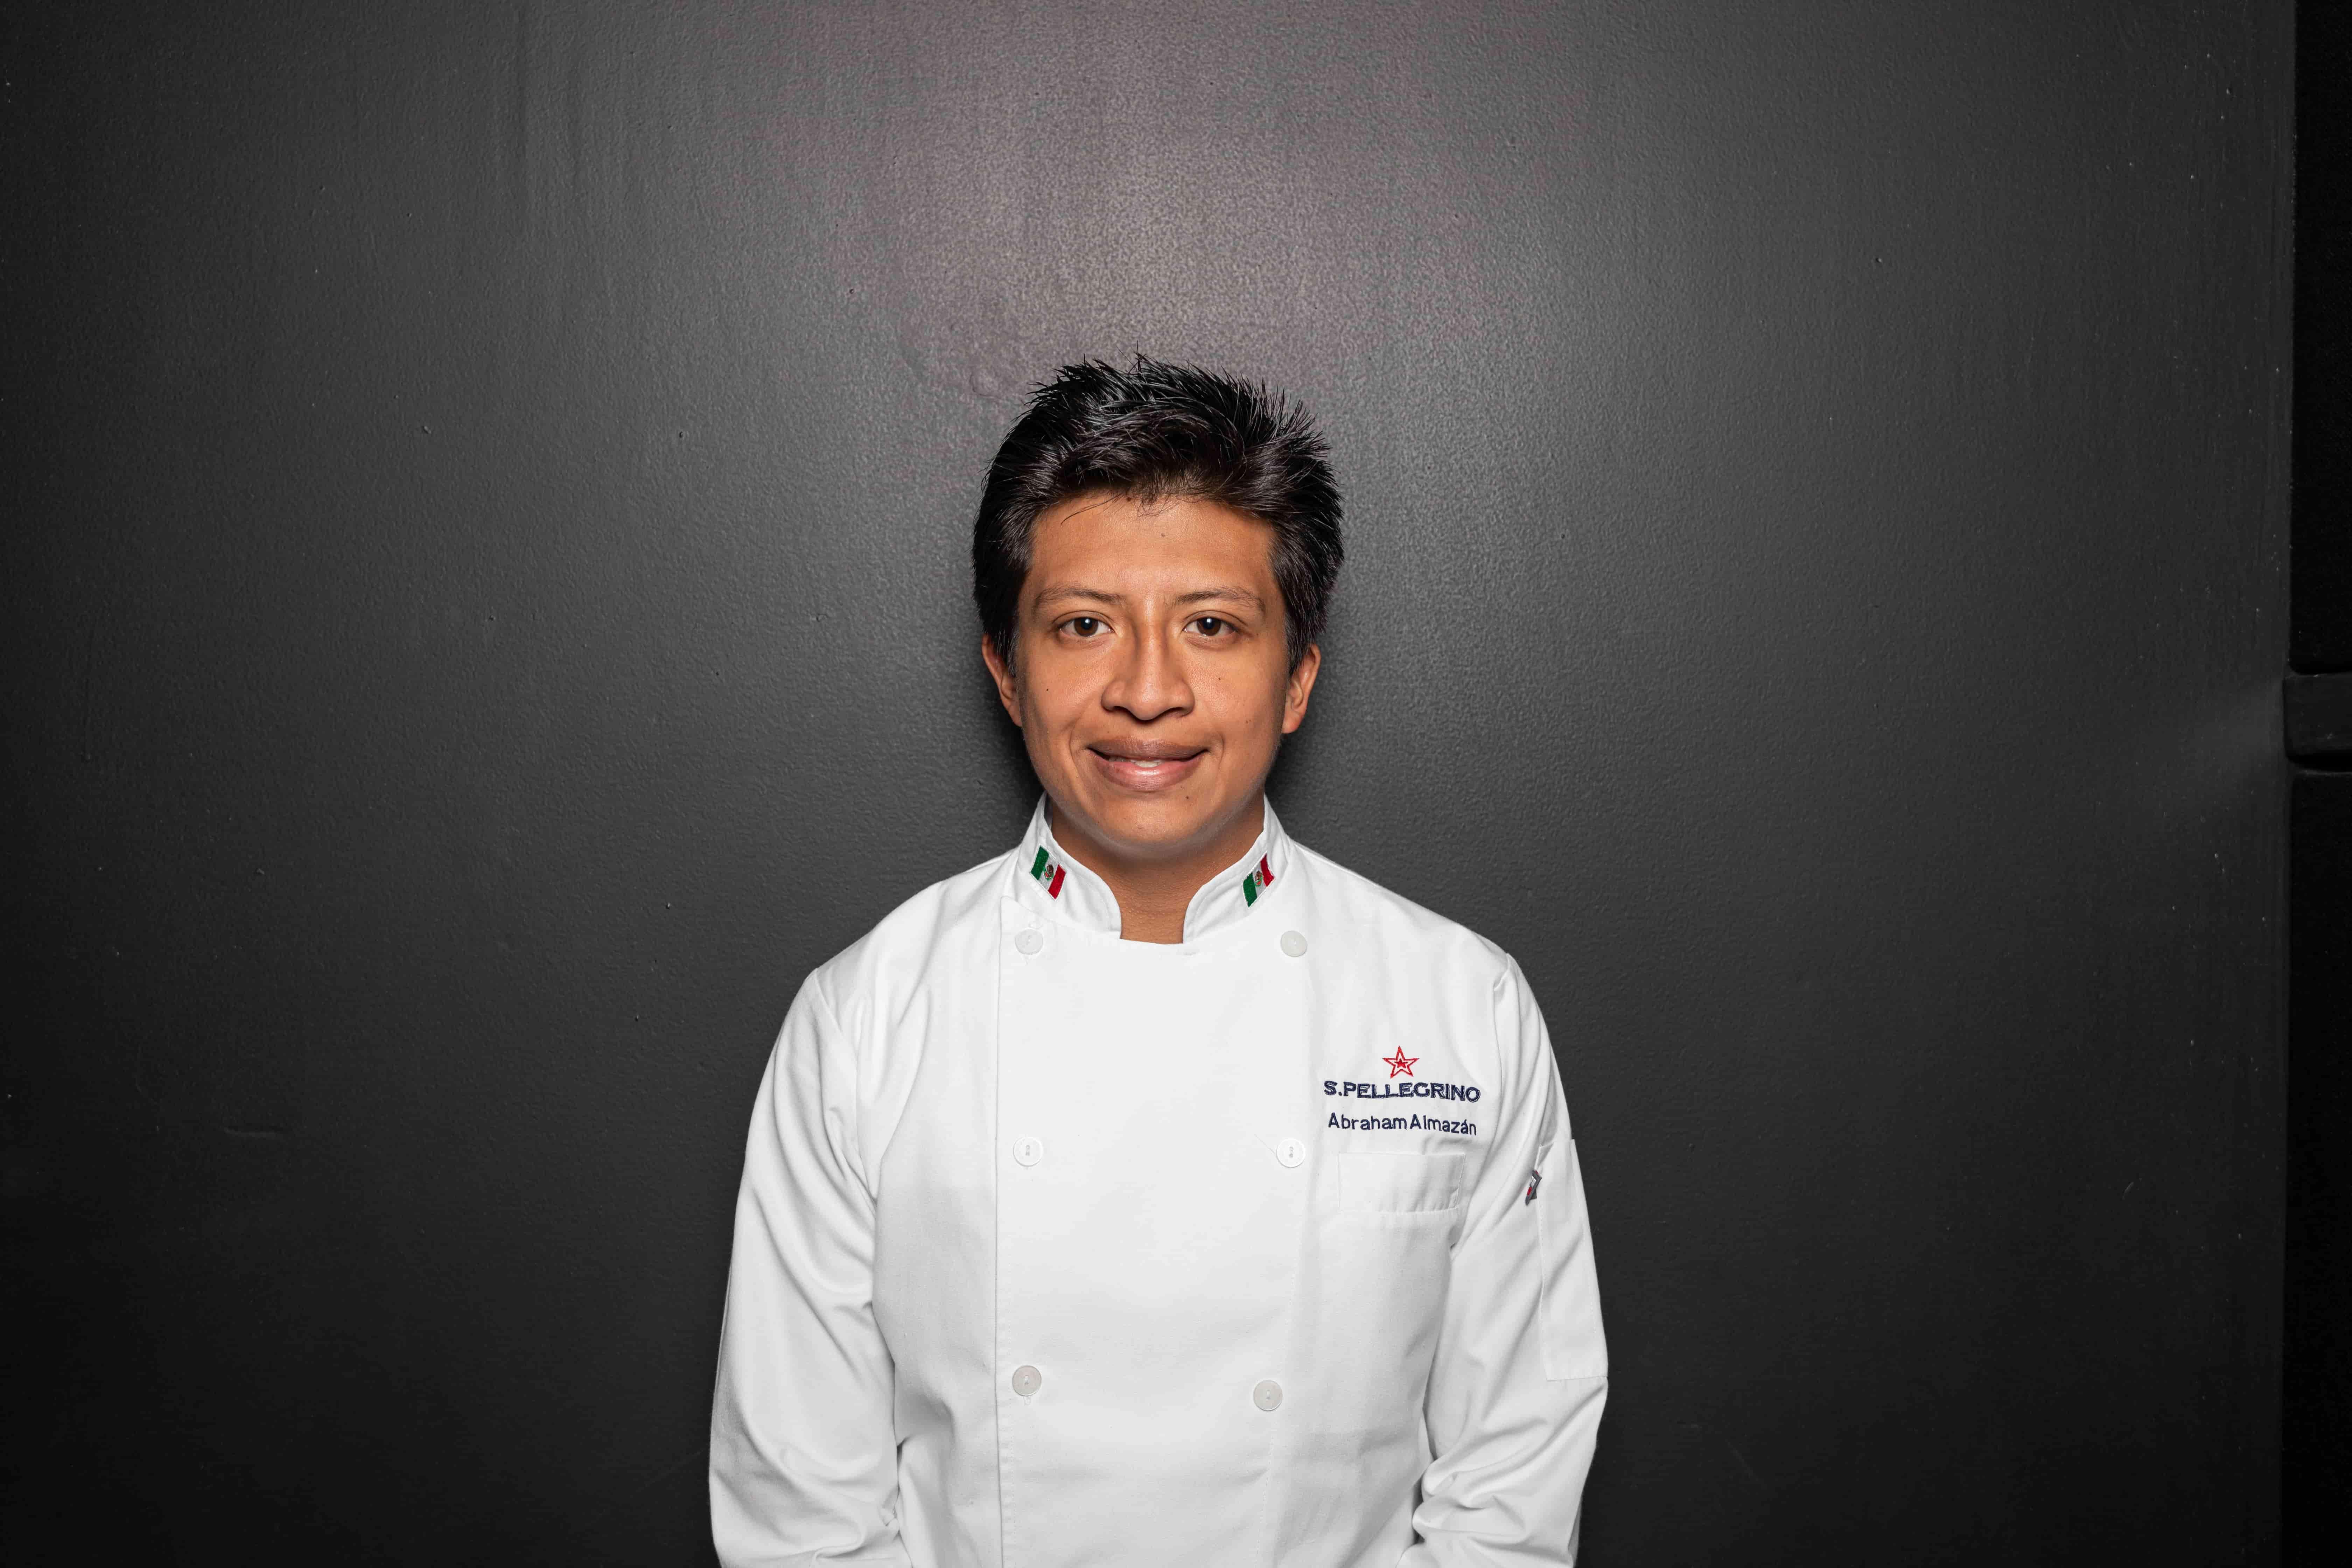 Conoce a los jóvenes chefs que irán a la final del certamen mundial S.Pellegrino Young Chef 2021